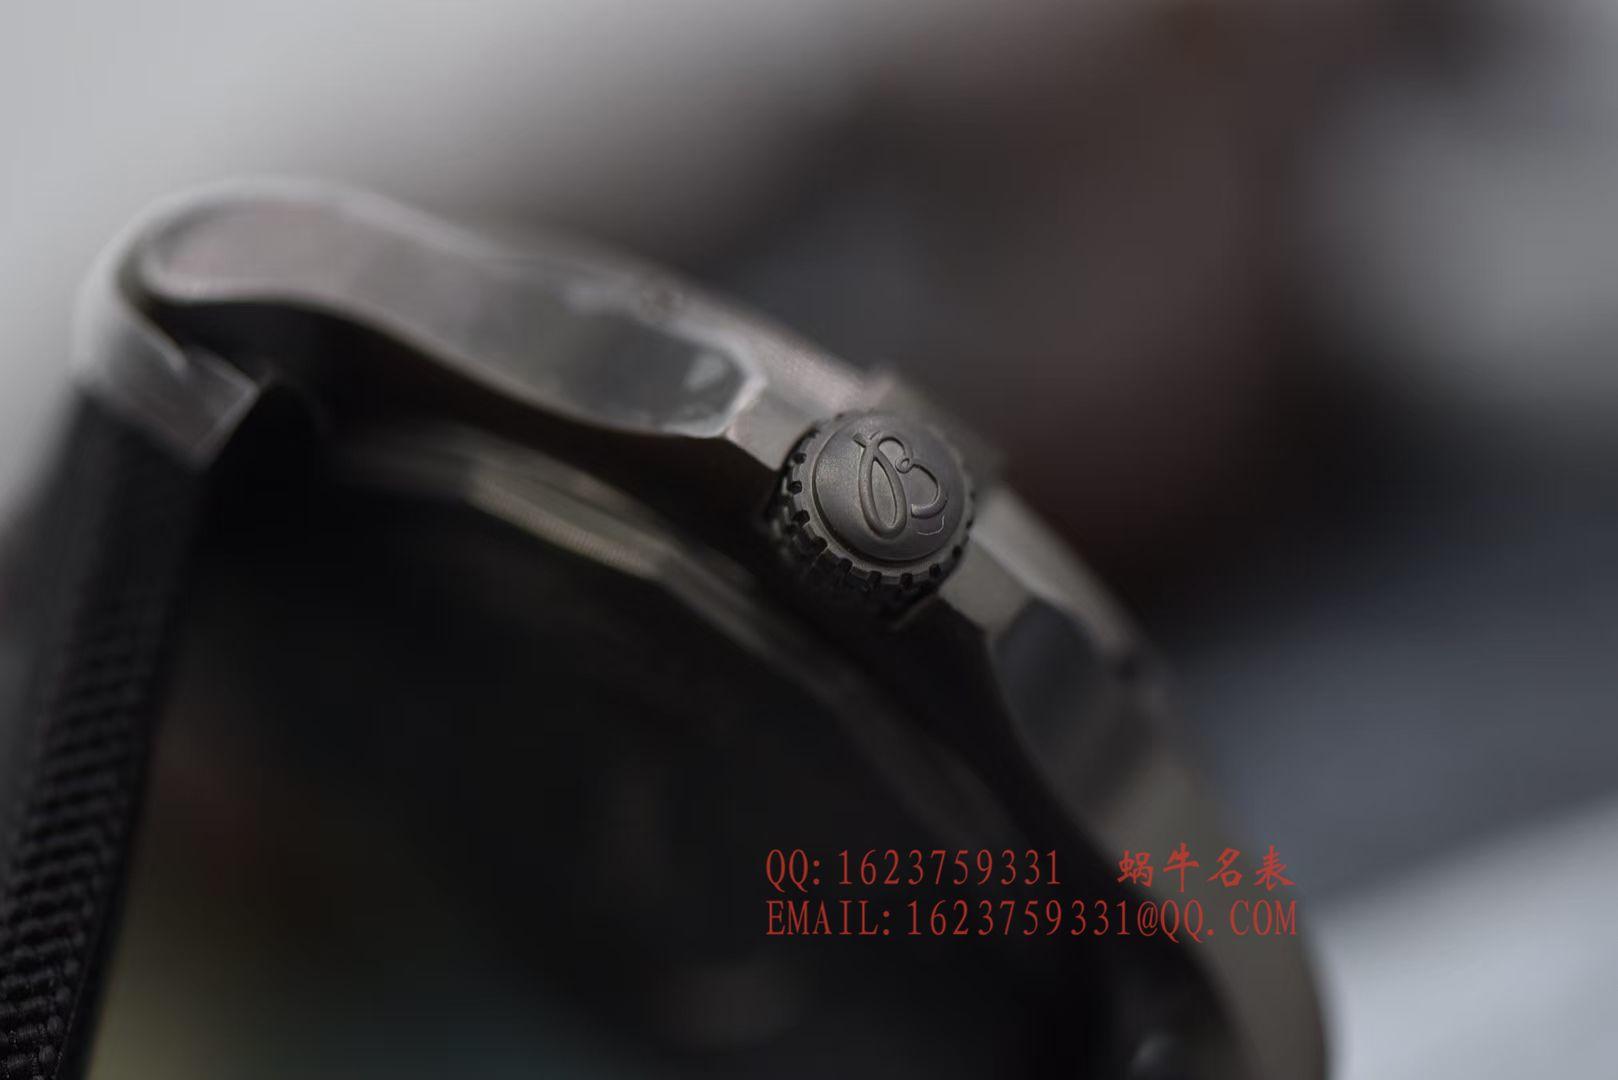 【独家视频评测GF厂一比一超A高精仿手表】百年灵复仇者系列A3239011|BC35|152S|A20S.1复仇者二代GMT腕表 / BLBA075